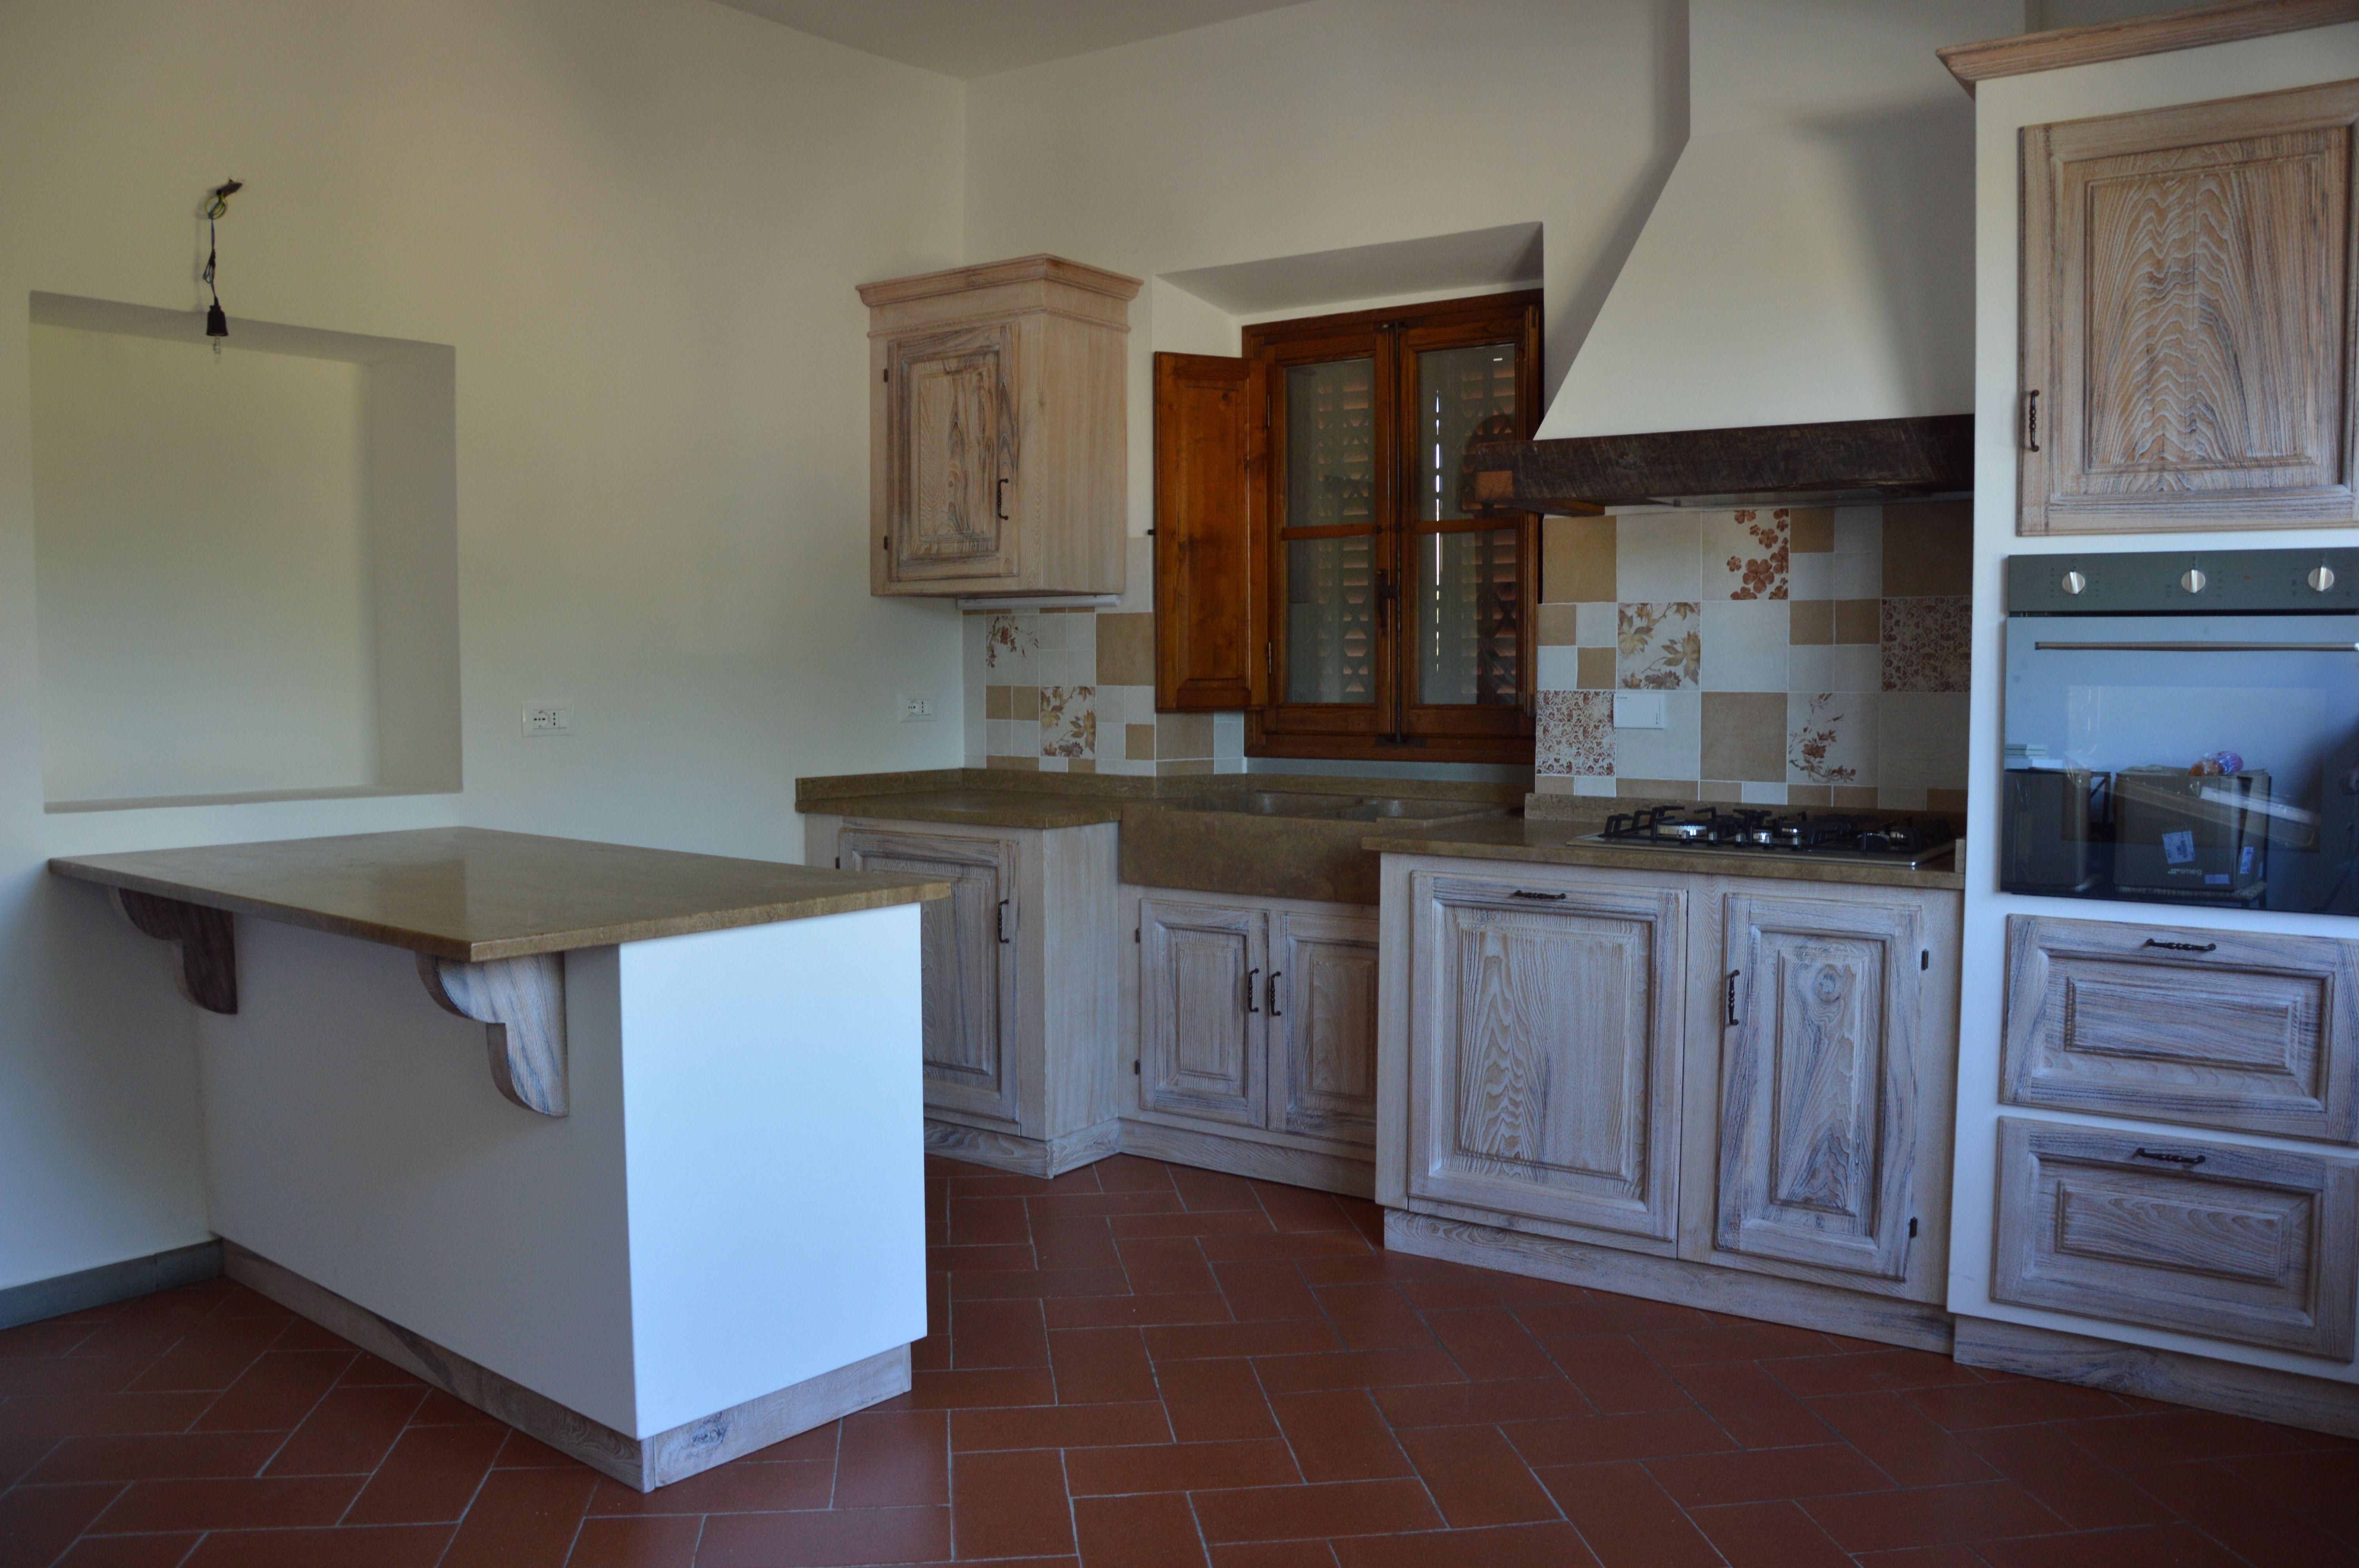 Cucina Su Misura Falegname falegnameria bensi cucina su misura | arredamento in